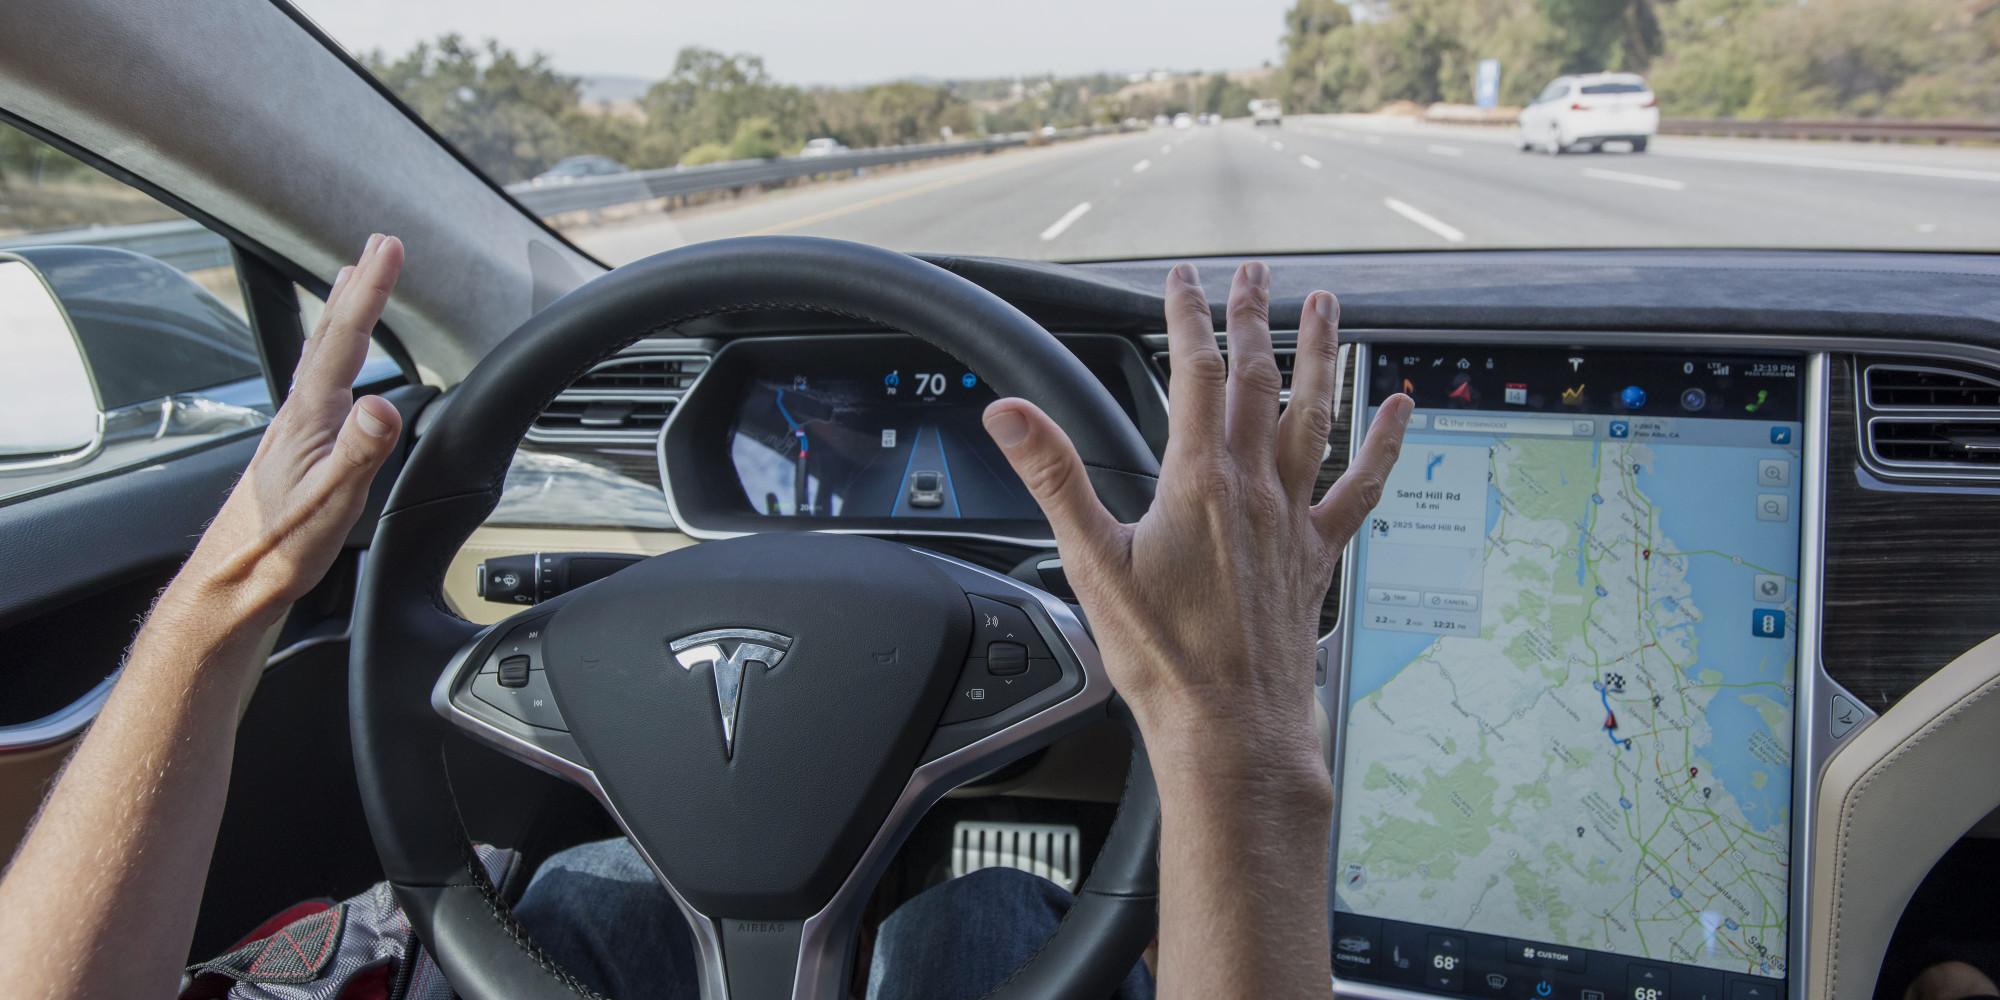 Videoları ilə məşhur Tesla sürücüsü Avto-Pilot xətası üzündən həyatını itirdi.